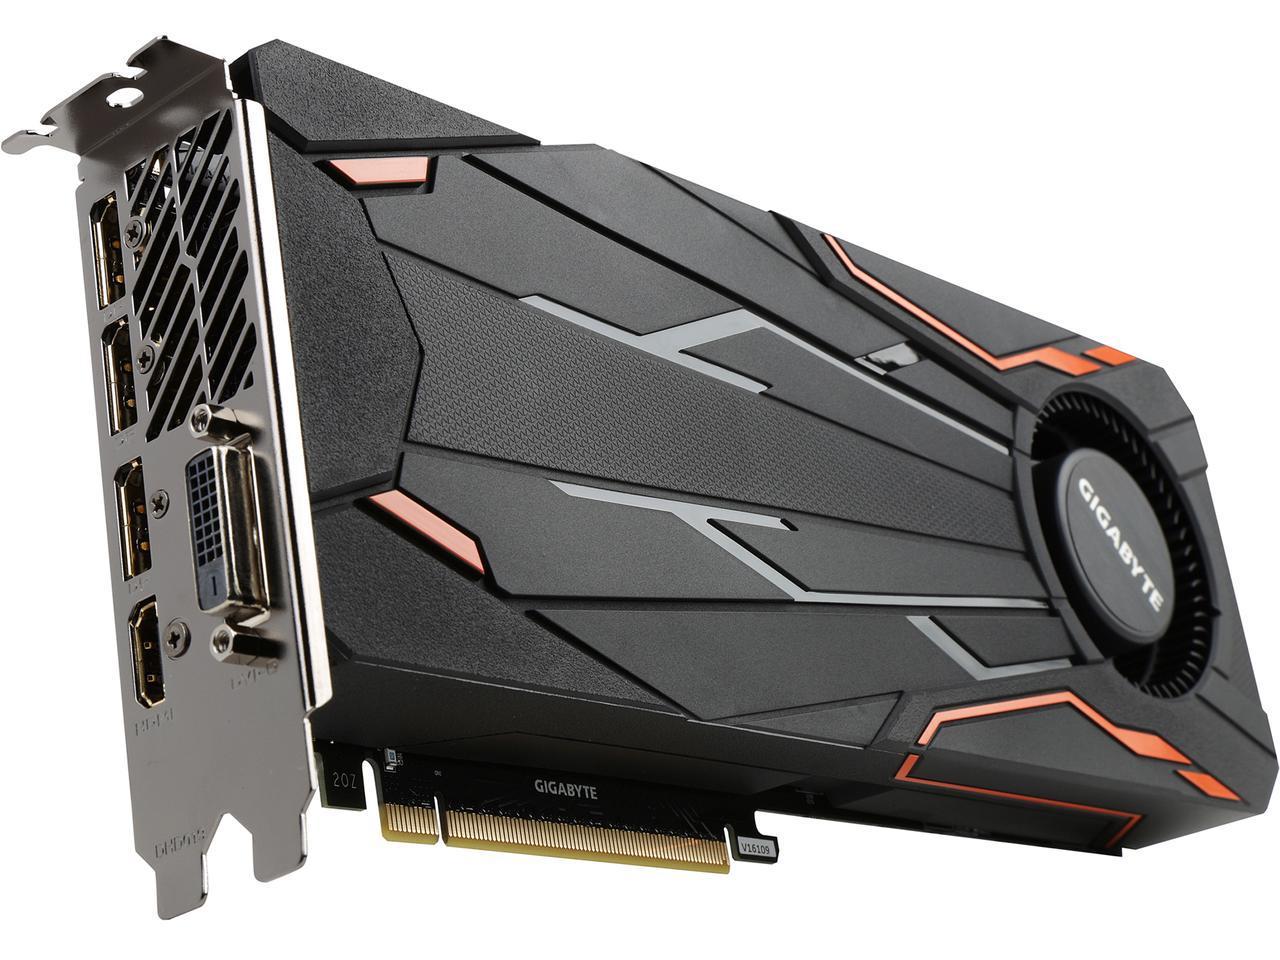 GIGABYTE GeForce GTX 1080 N1080TTOC-8GD 8GB $499.94